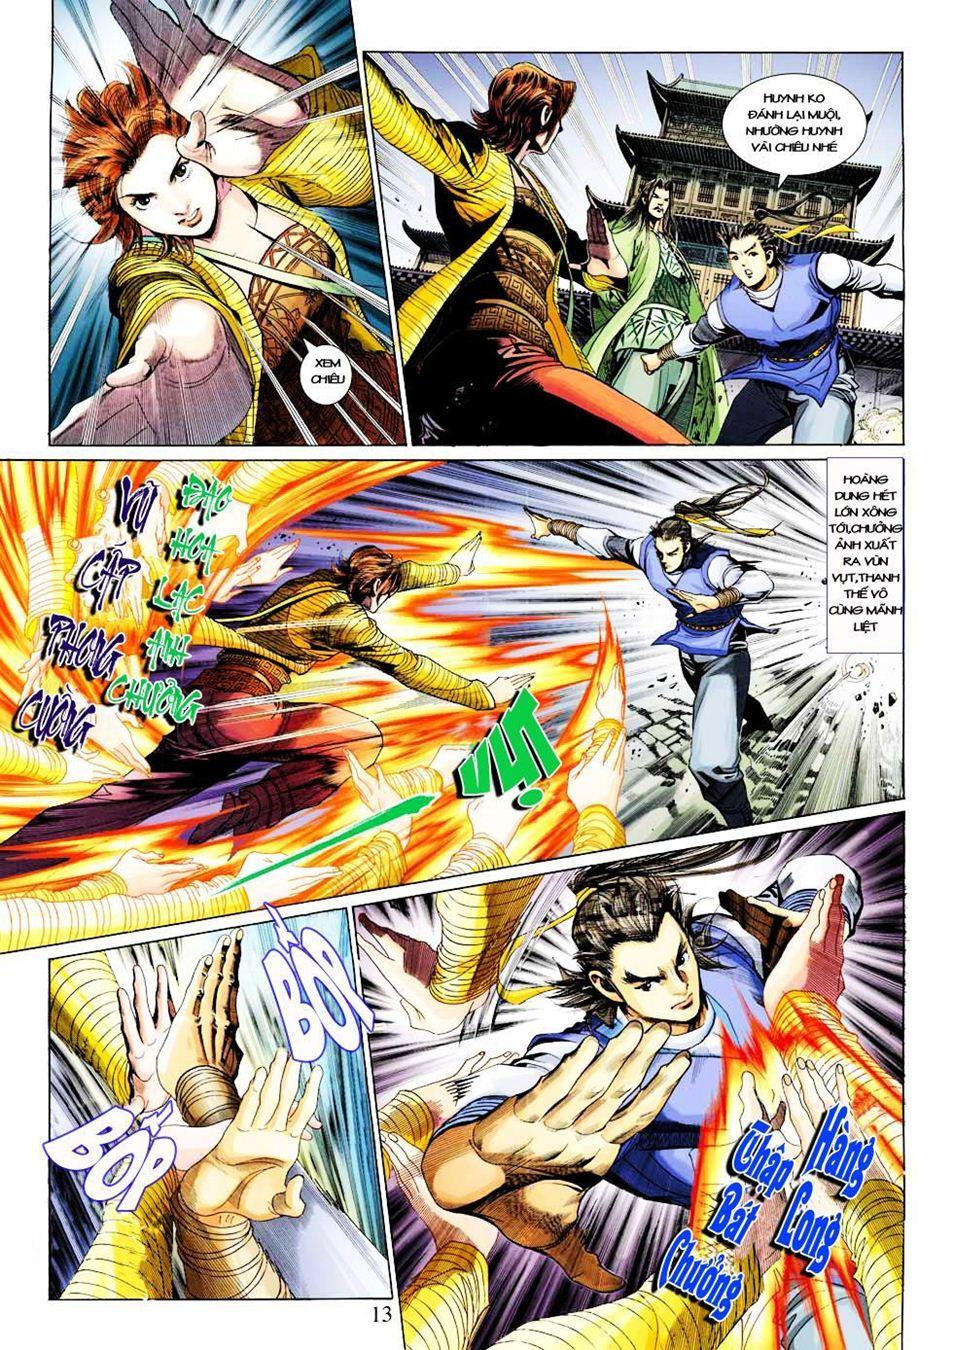 Anh Hùng Xạ Điêu anh hùng xạ đêu chap 33 trang 13